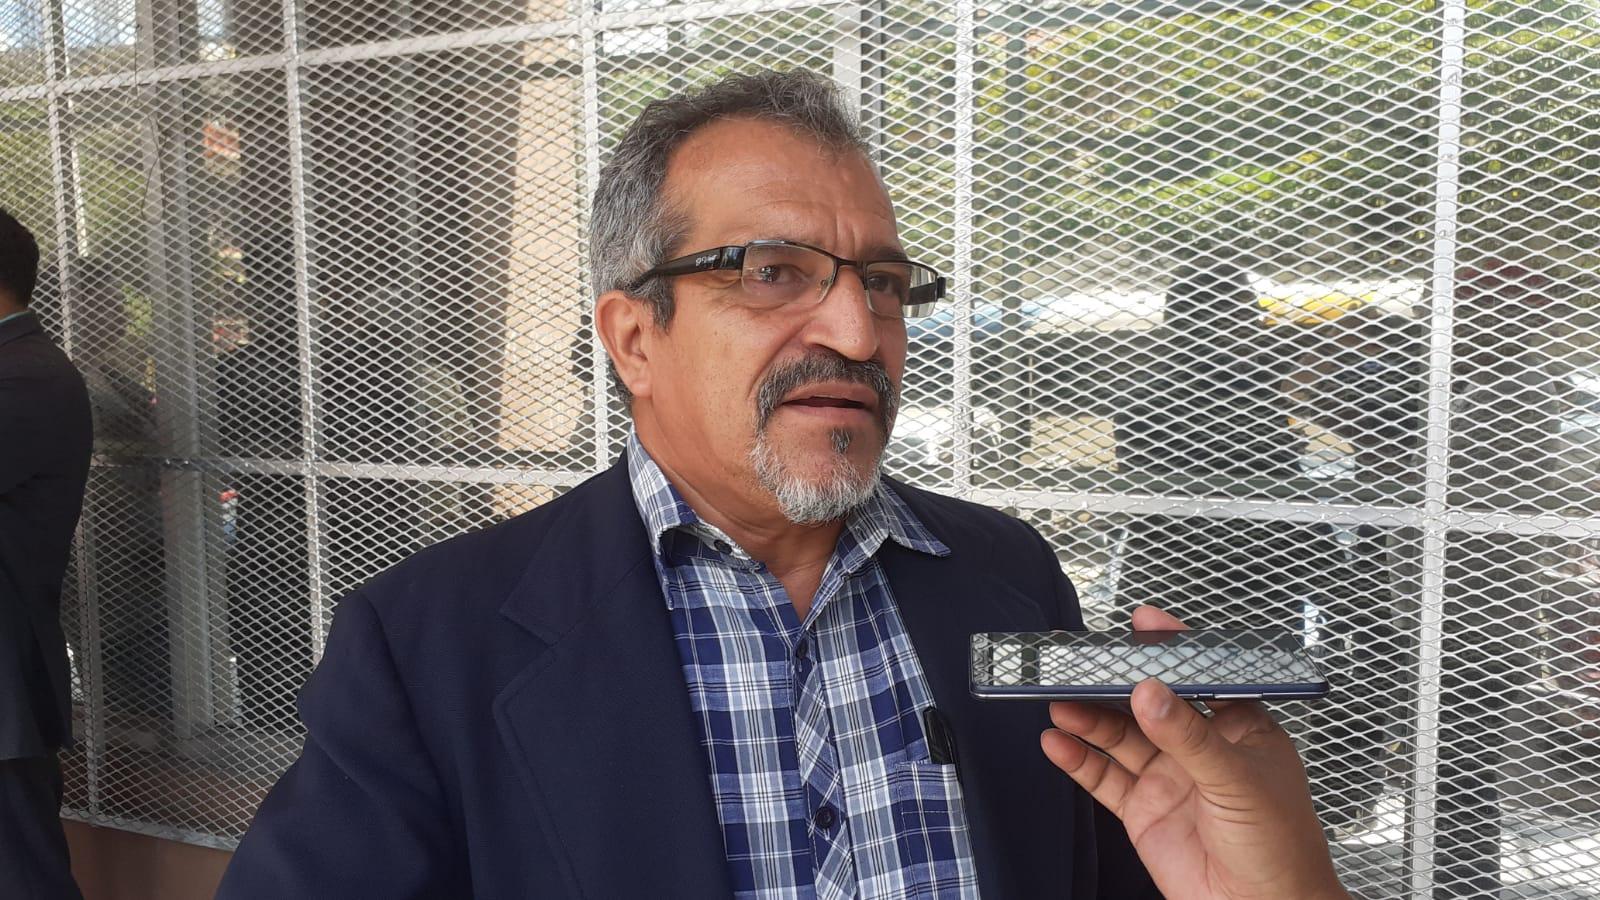 http://www.radioamerica.hn/hugo-maldonado-insta-a-maquiladoras-y-otras-empresas-pagar-derechos-laborales-a-empleados-suspendidos/